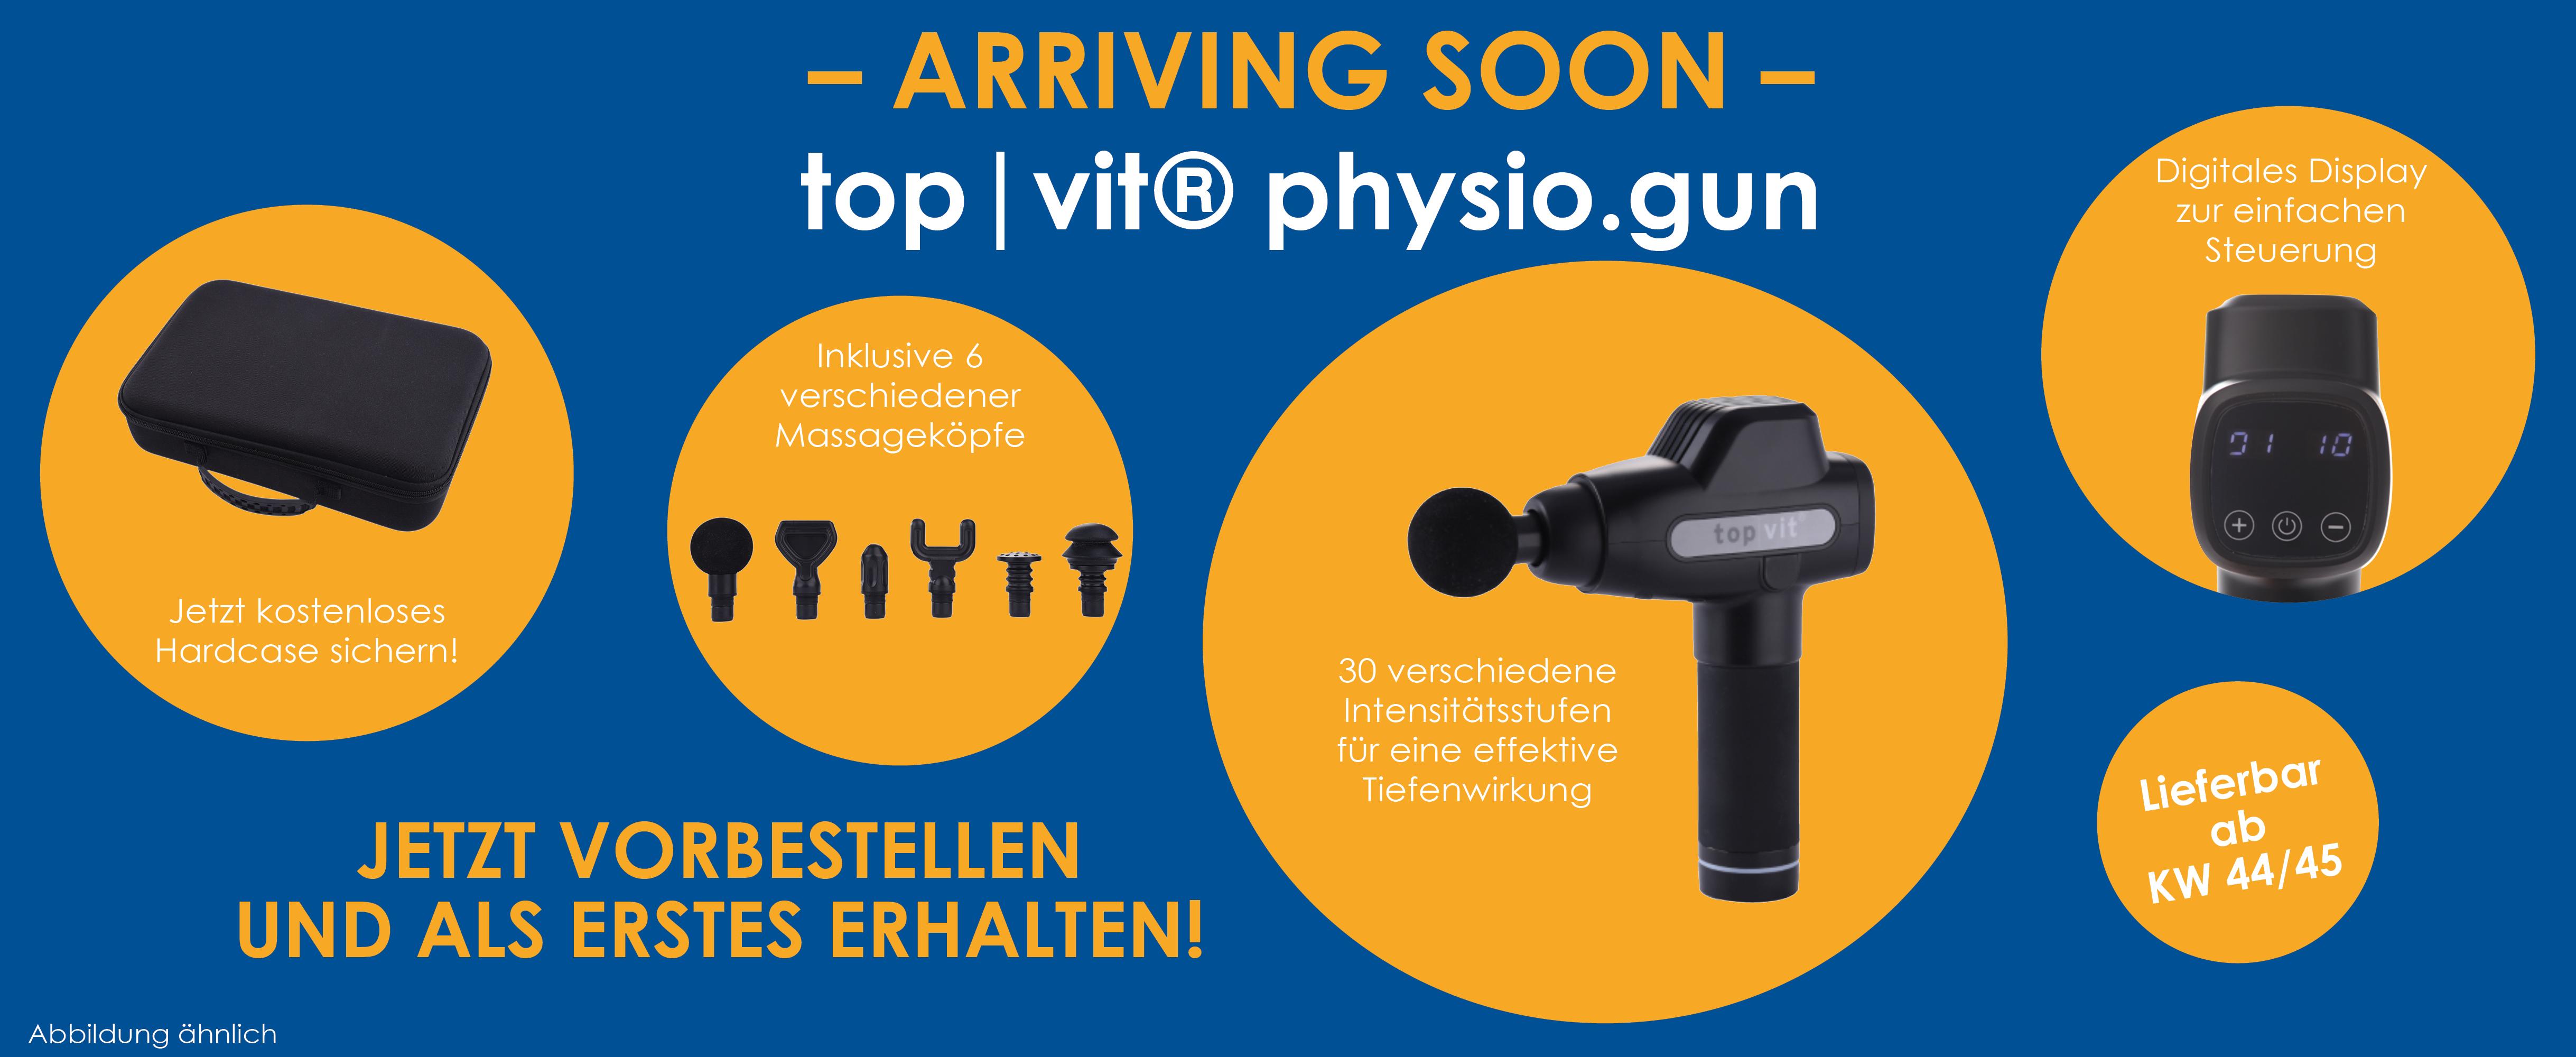 Physio Gun - Vorbesteller